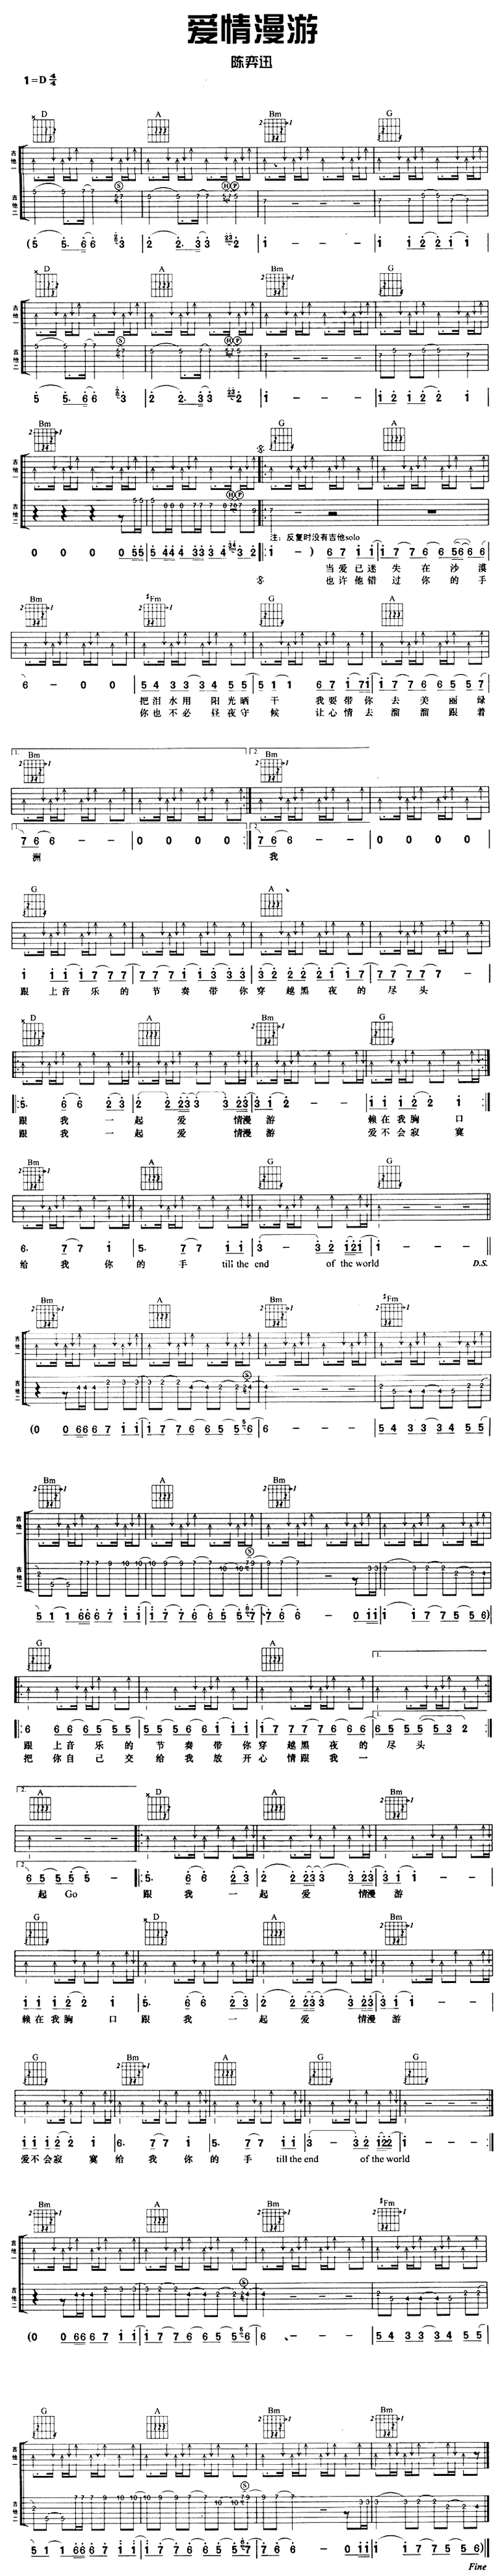 愛情漫遊-陳奕迅-图片吉他谱-0